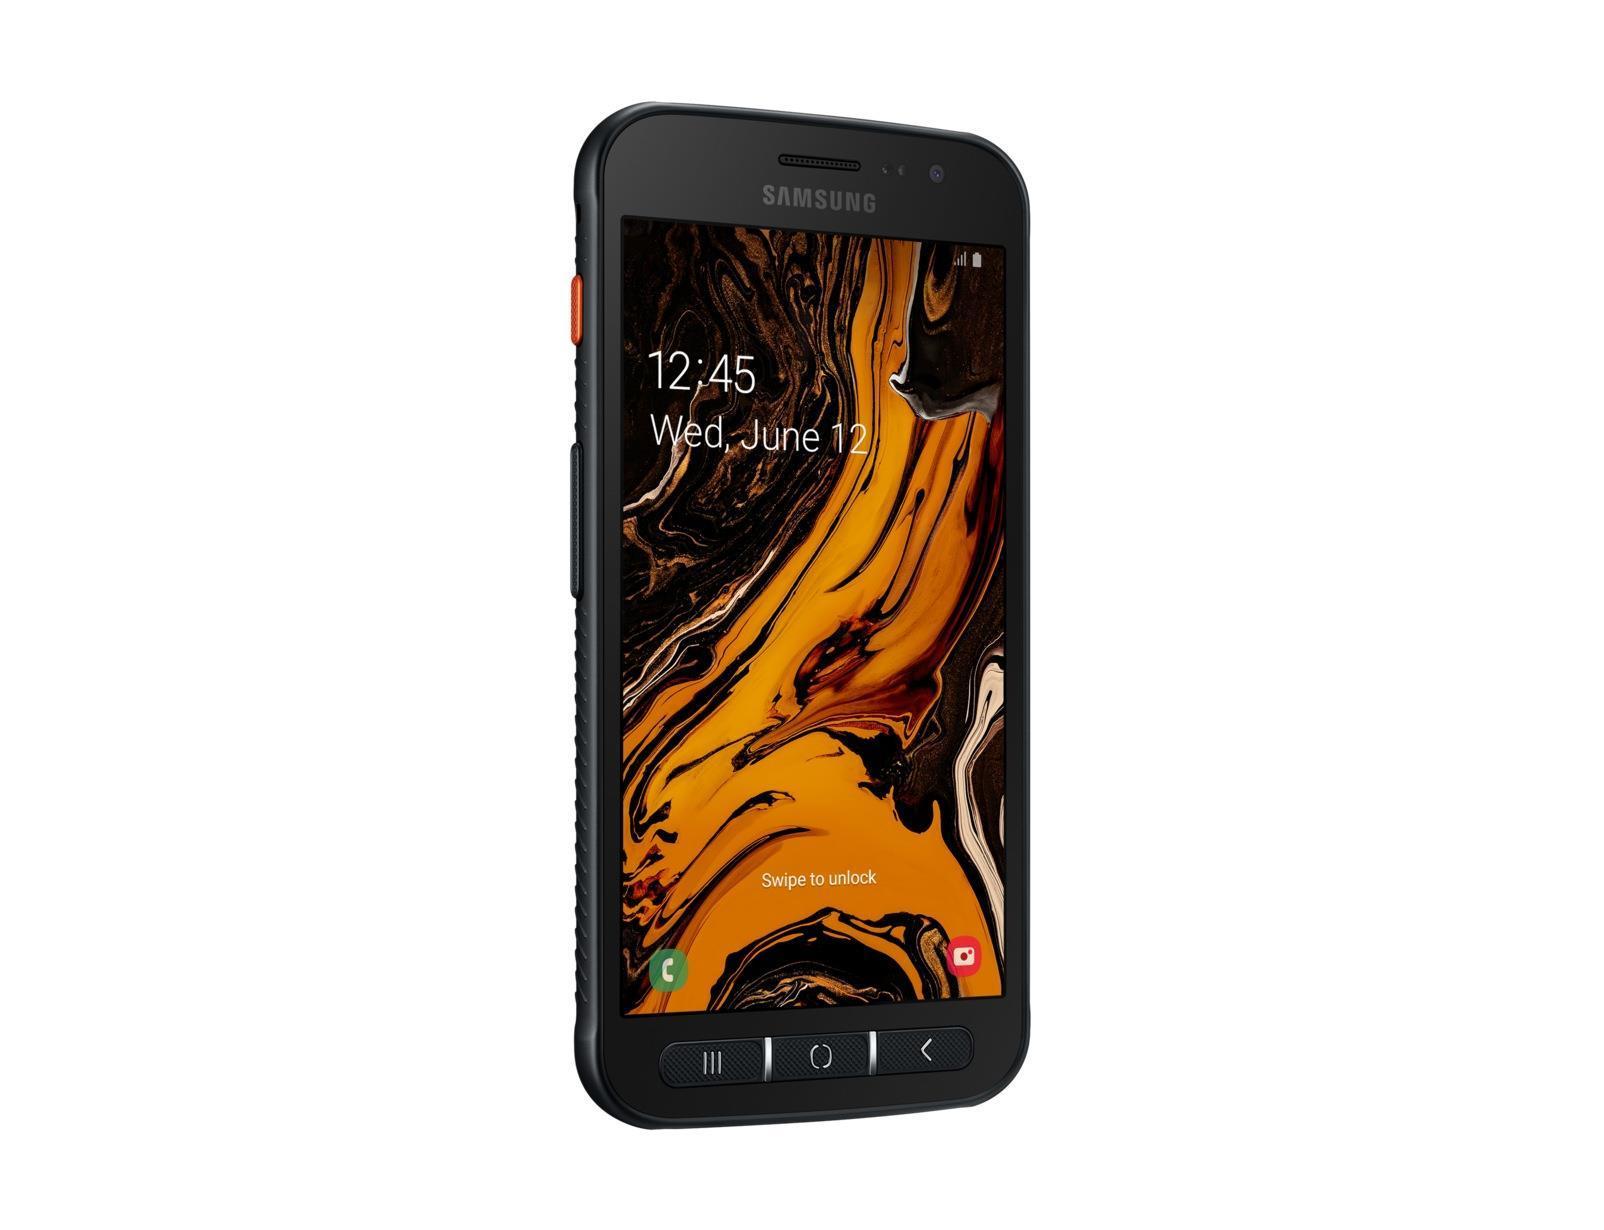 """Samsung Galaxy XCover 4S SM-G398F 12.7 cm (5"""") Dual SIM Android 9.0 4G USB Type-C 3 GB 32 GB 2800 mAh Black 8806090049217 8806090049217 Mobilais Telefons"""